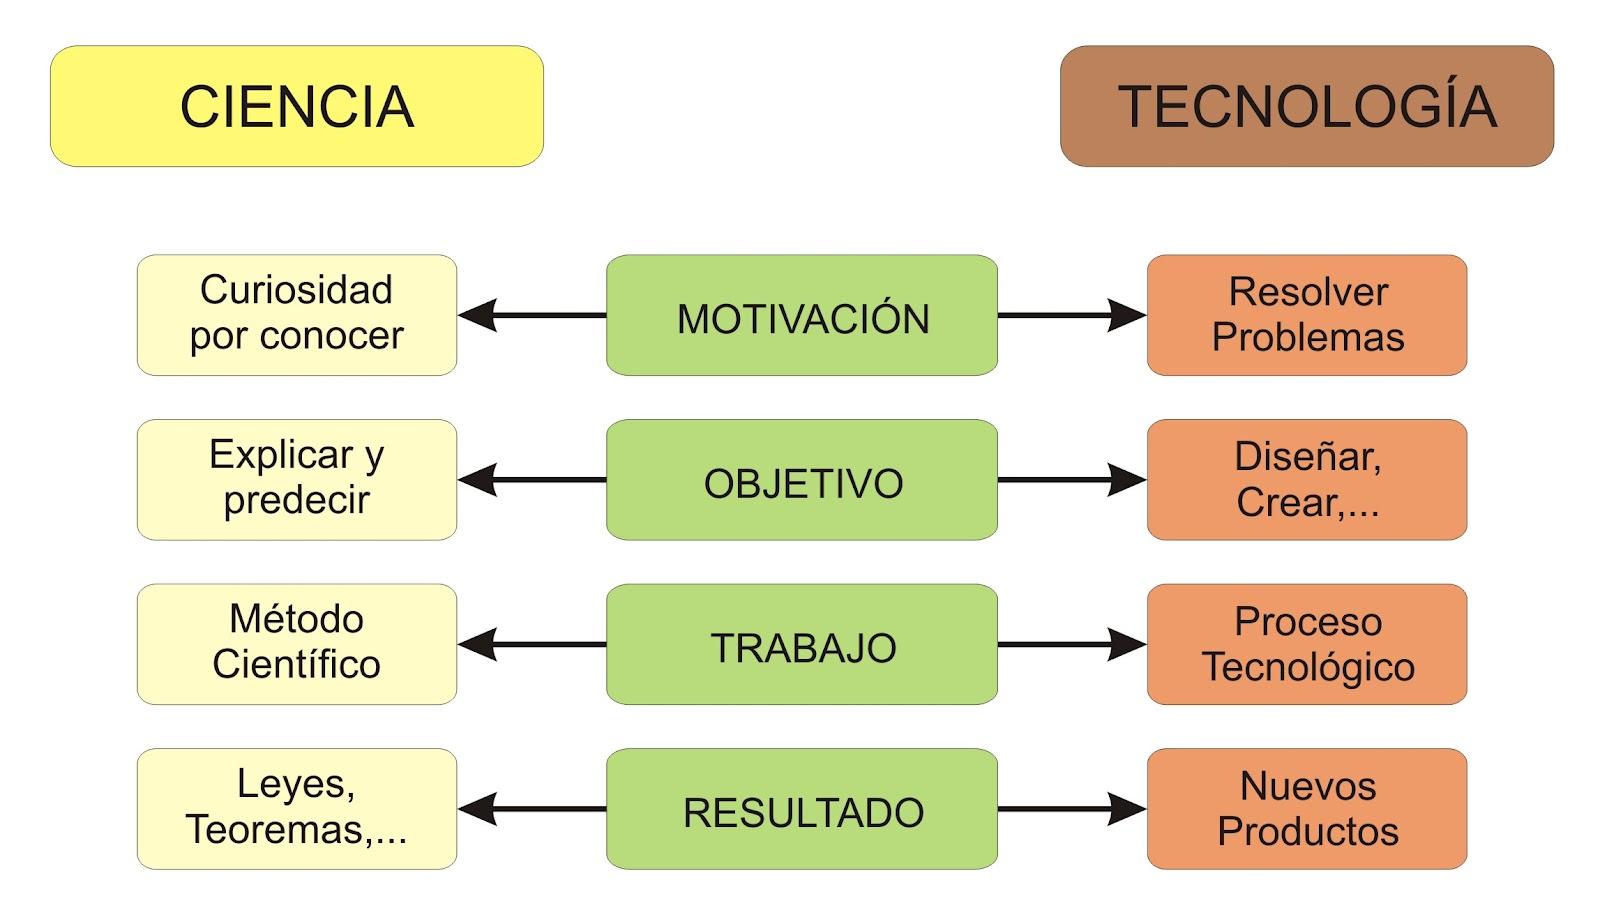 Diferencia entre ciencia y tecnología